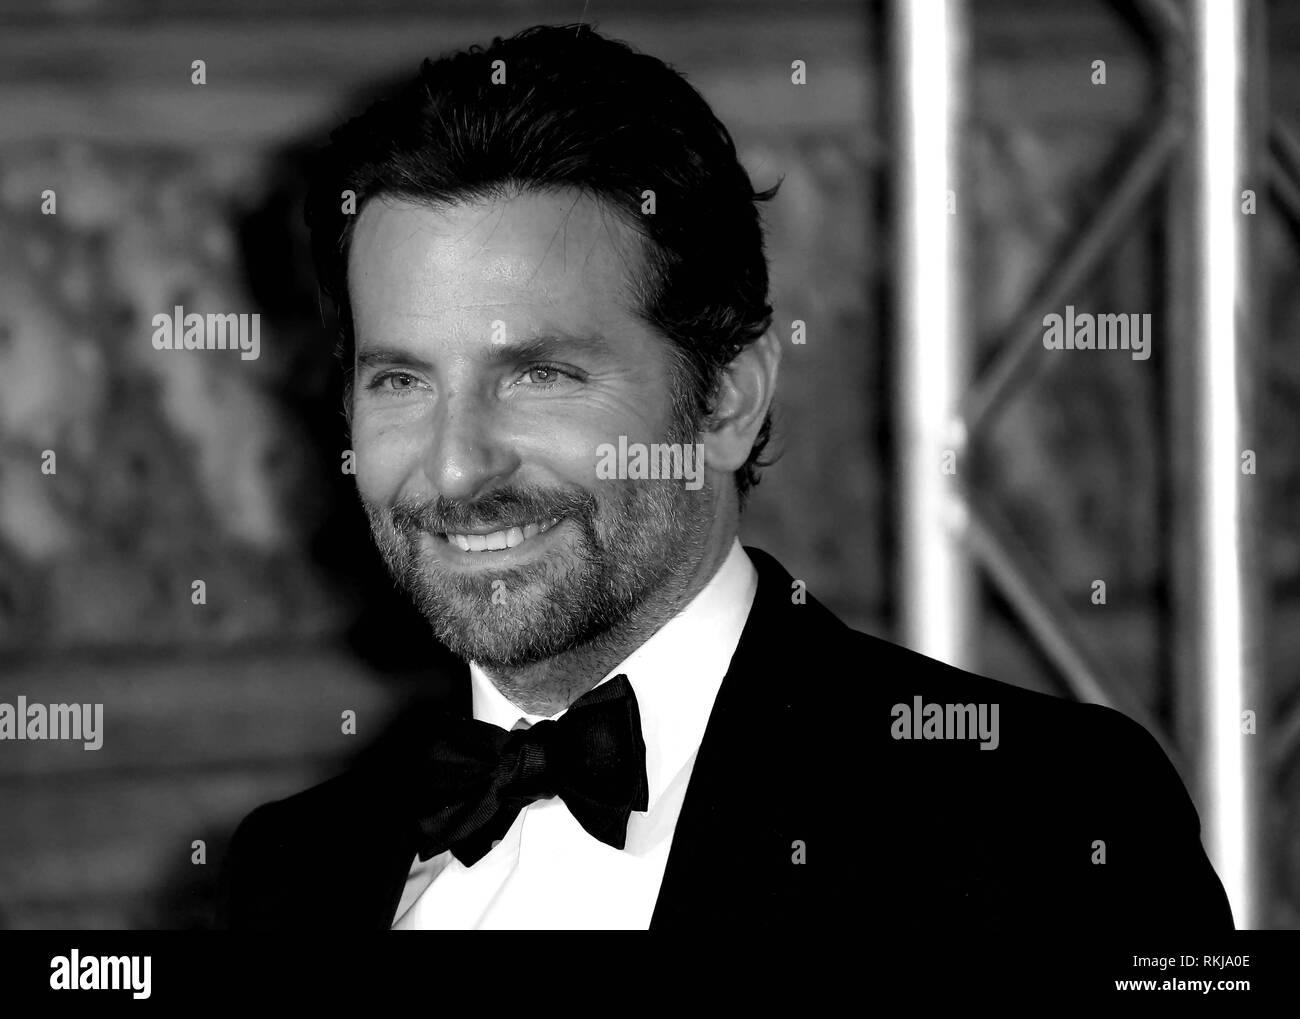 Feb 10, 2019 - Bradley Cooper an EE British Academy Film Awards 2019 - Alternative Ansicht, der Royal Albert Hall in London, Großbritannien Stockbild